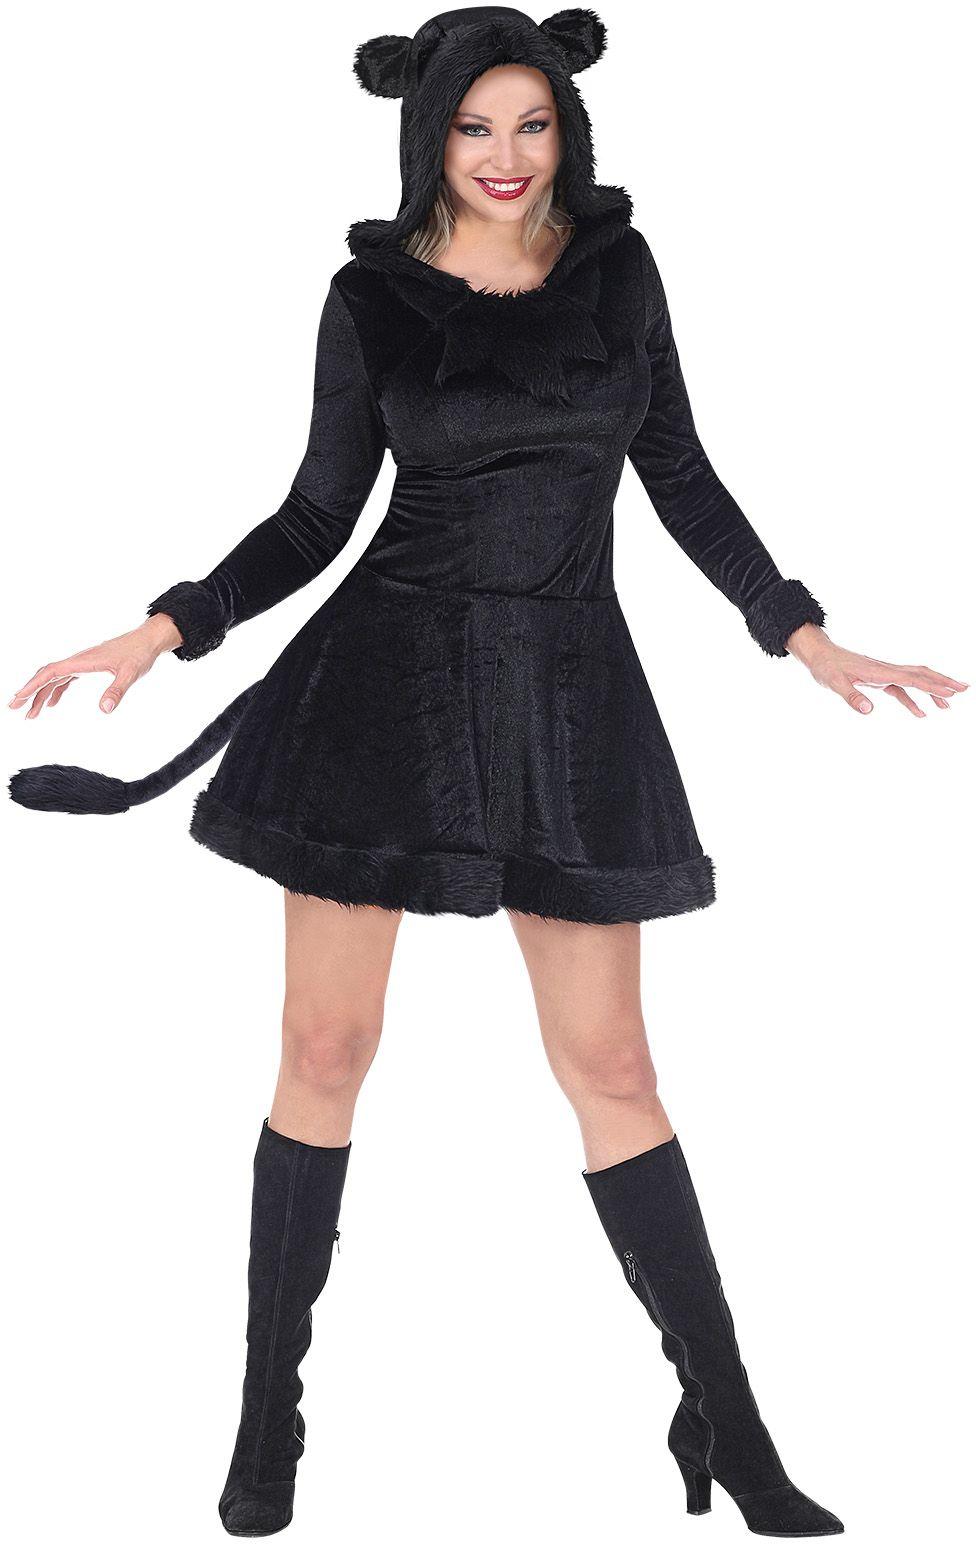 Zwart panter jurkje dames